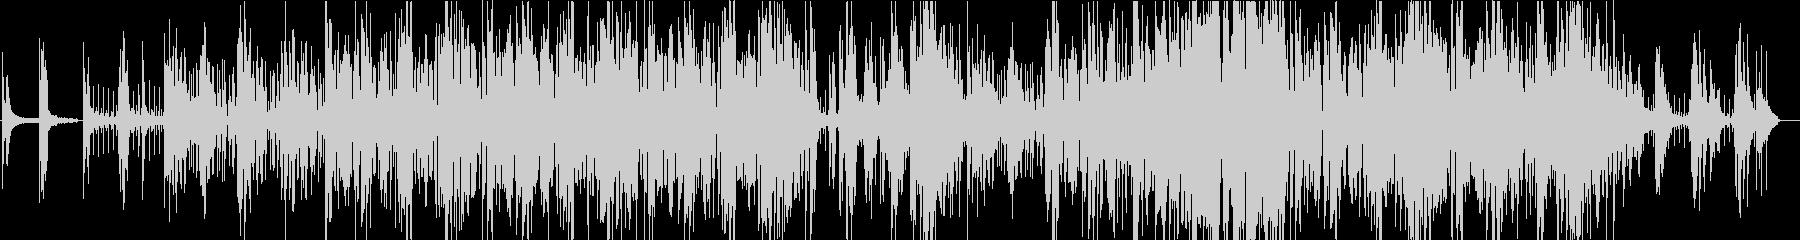 アンニュイなピアノフレーズの繰り返しの未再生の波形